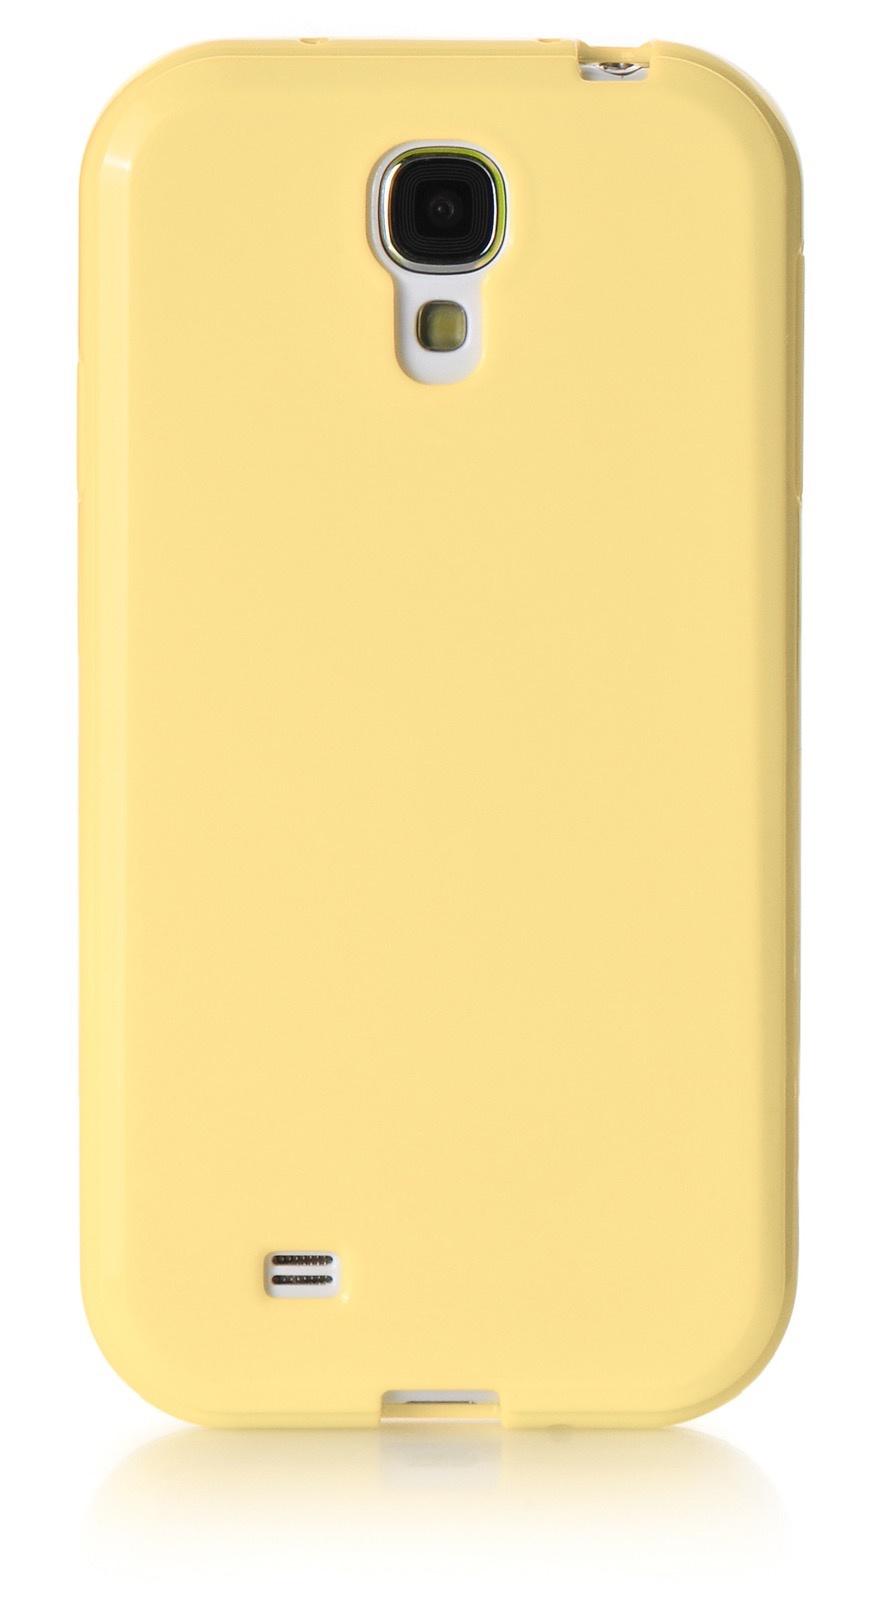 Чехол для сотового телефона iNeez накладка силикон мыльница 450176 для Samsung Galaxy S4, светло-бежевый